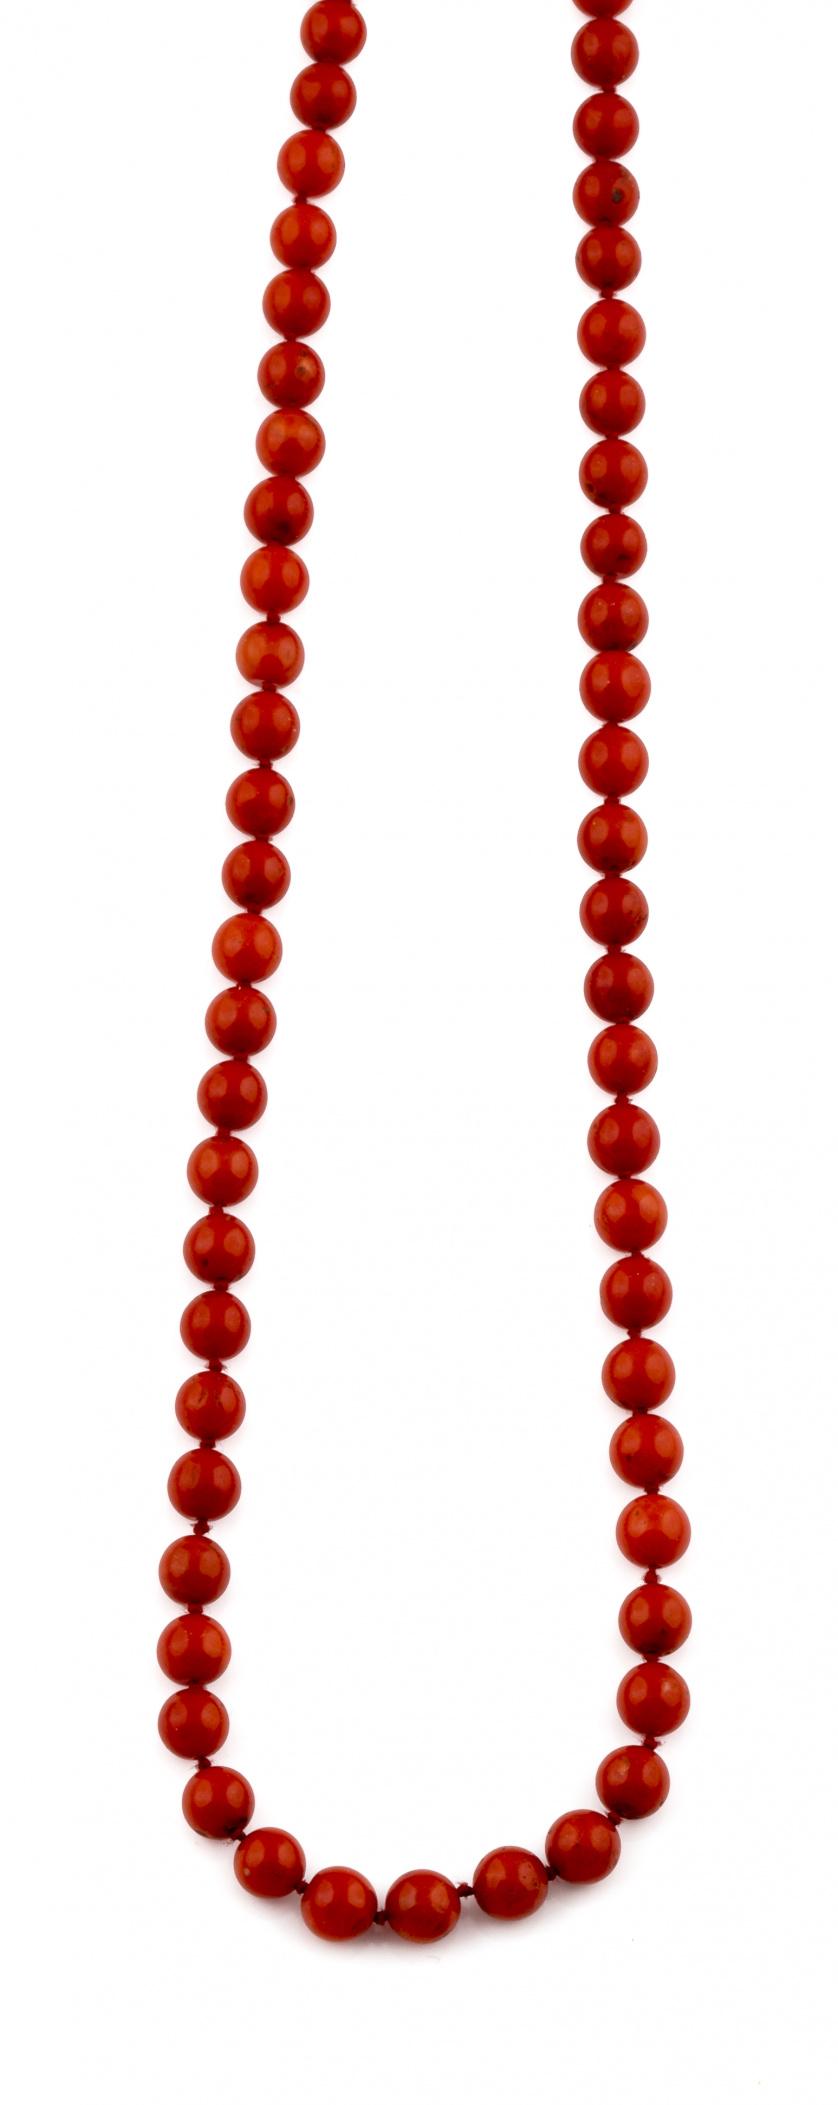 Hilo de cuentas de coral rojo sin enfilar tamaño degradé de